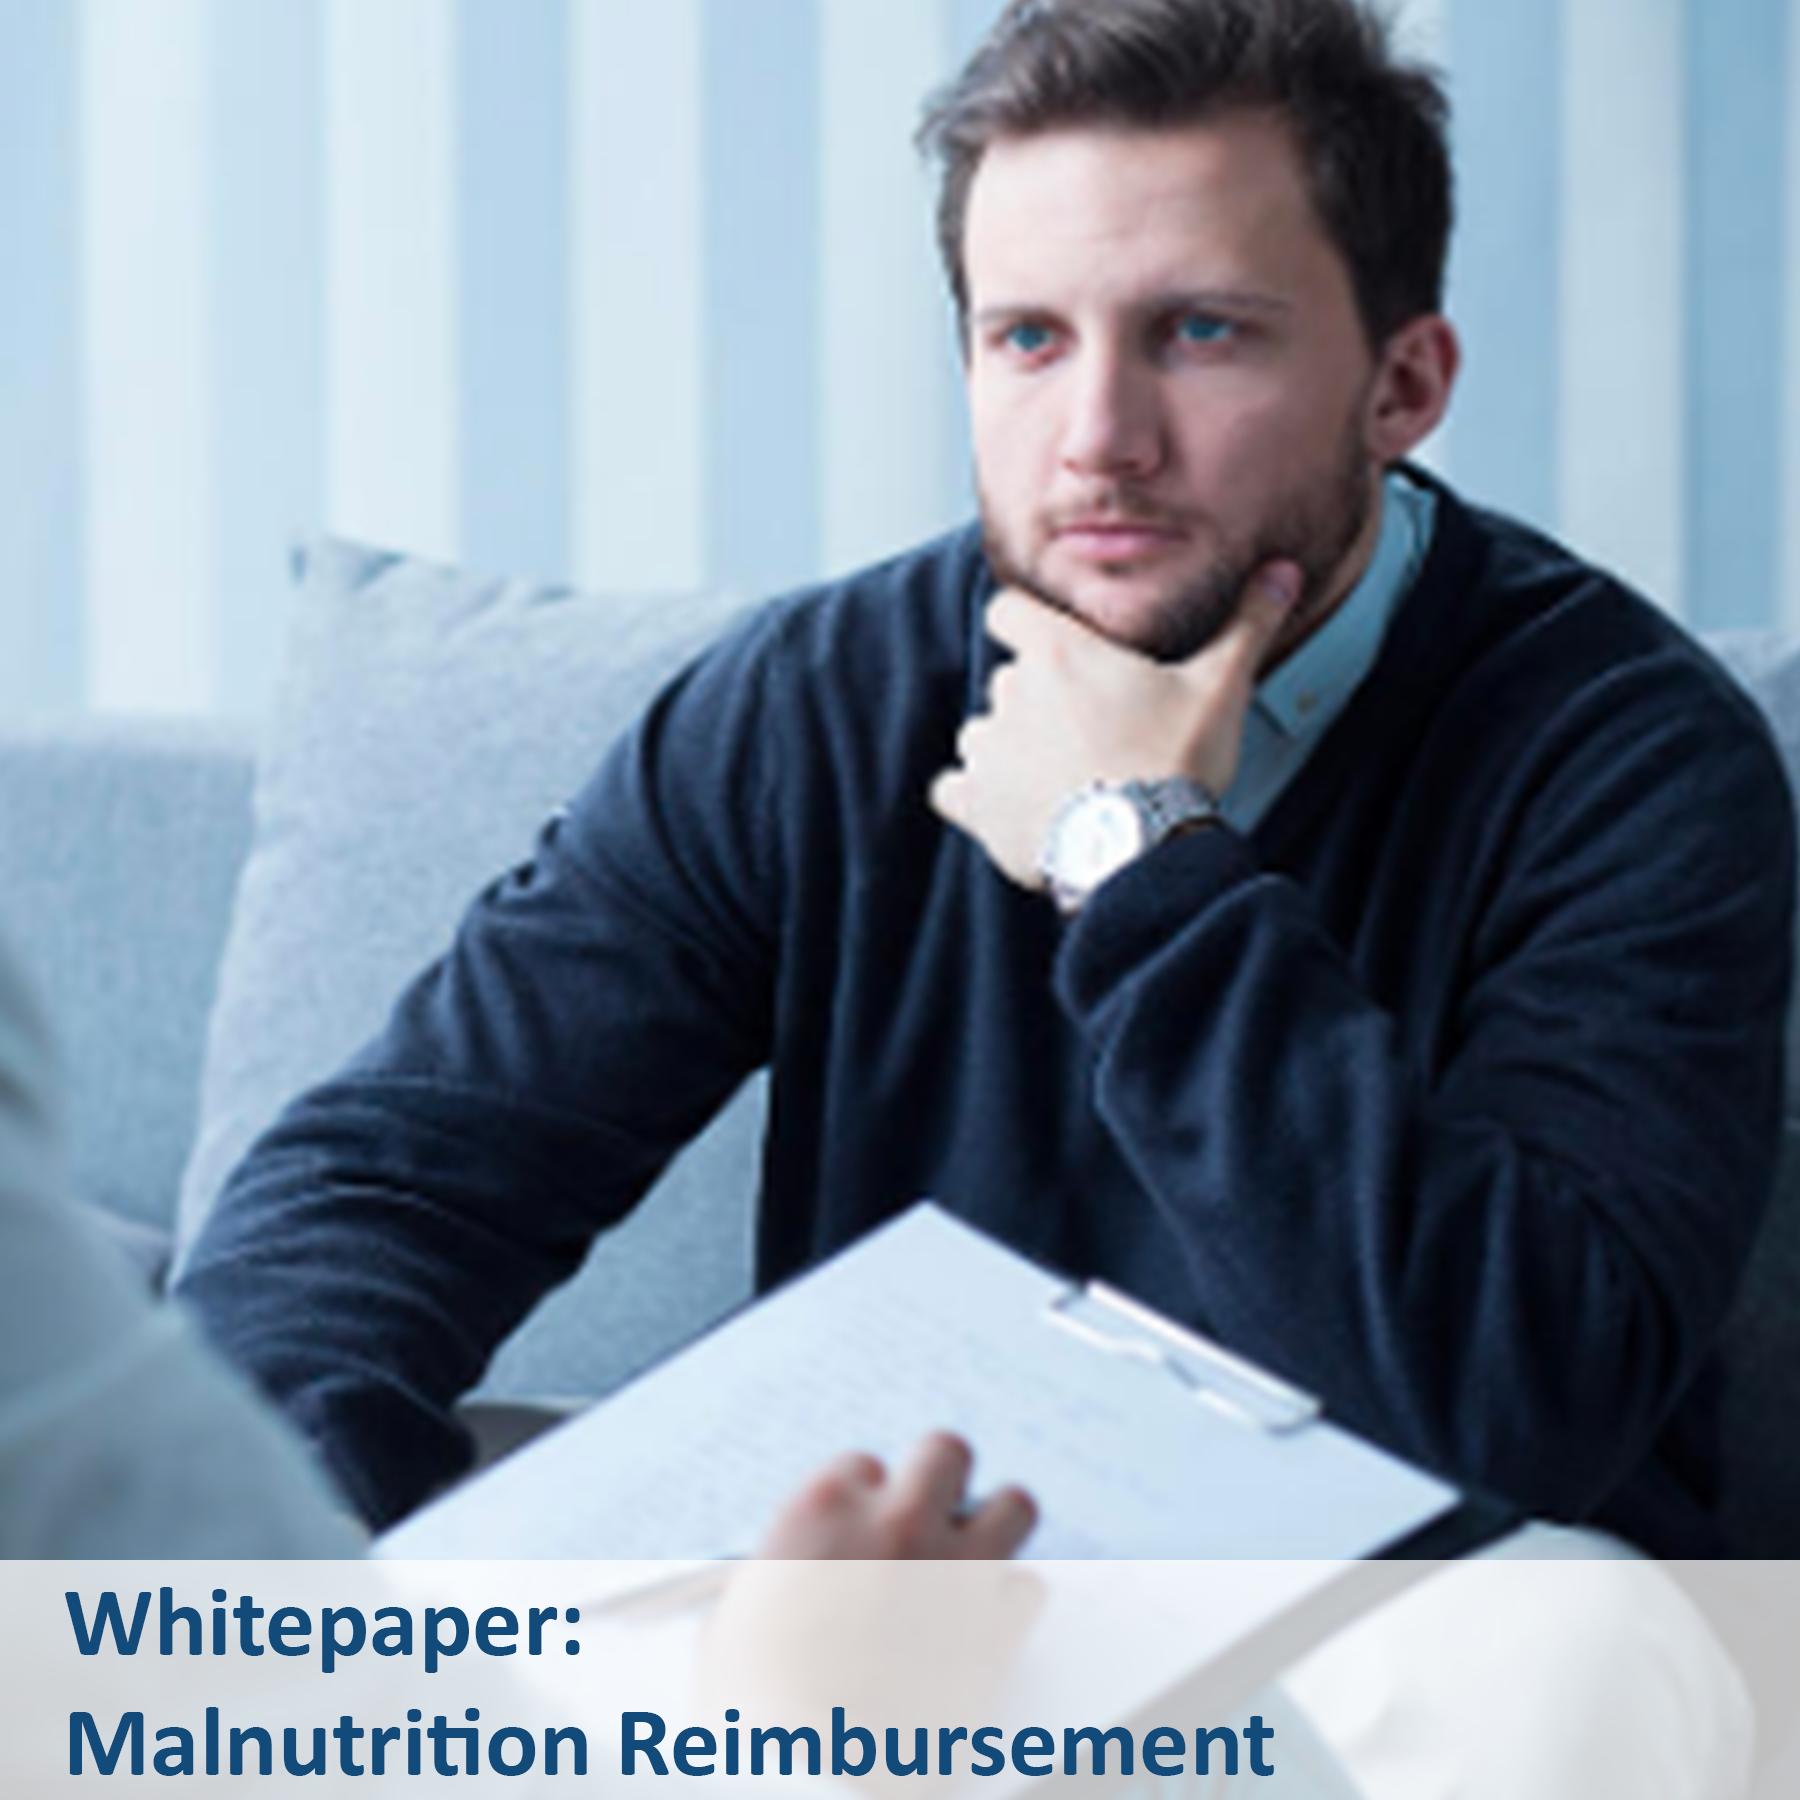 Whitepaper - Malnutrition Reimbursement